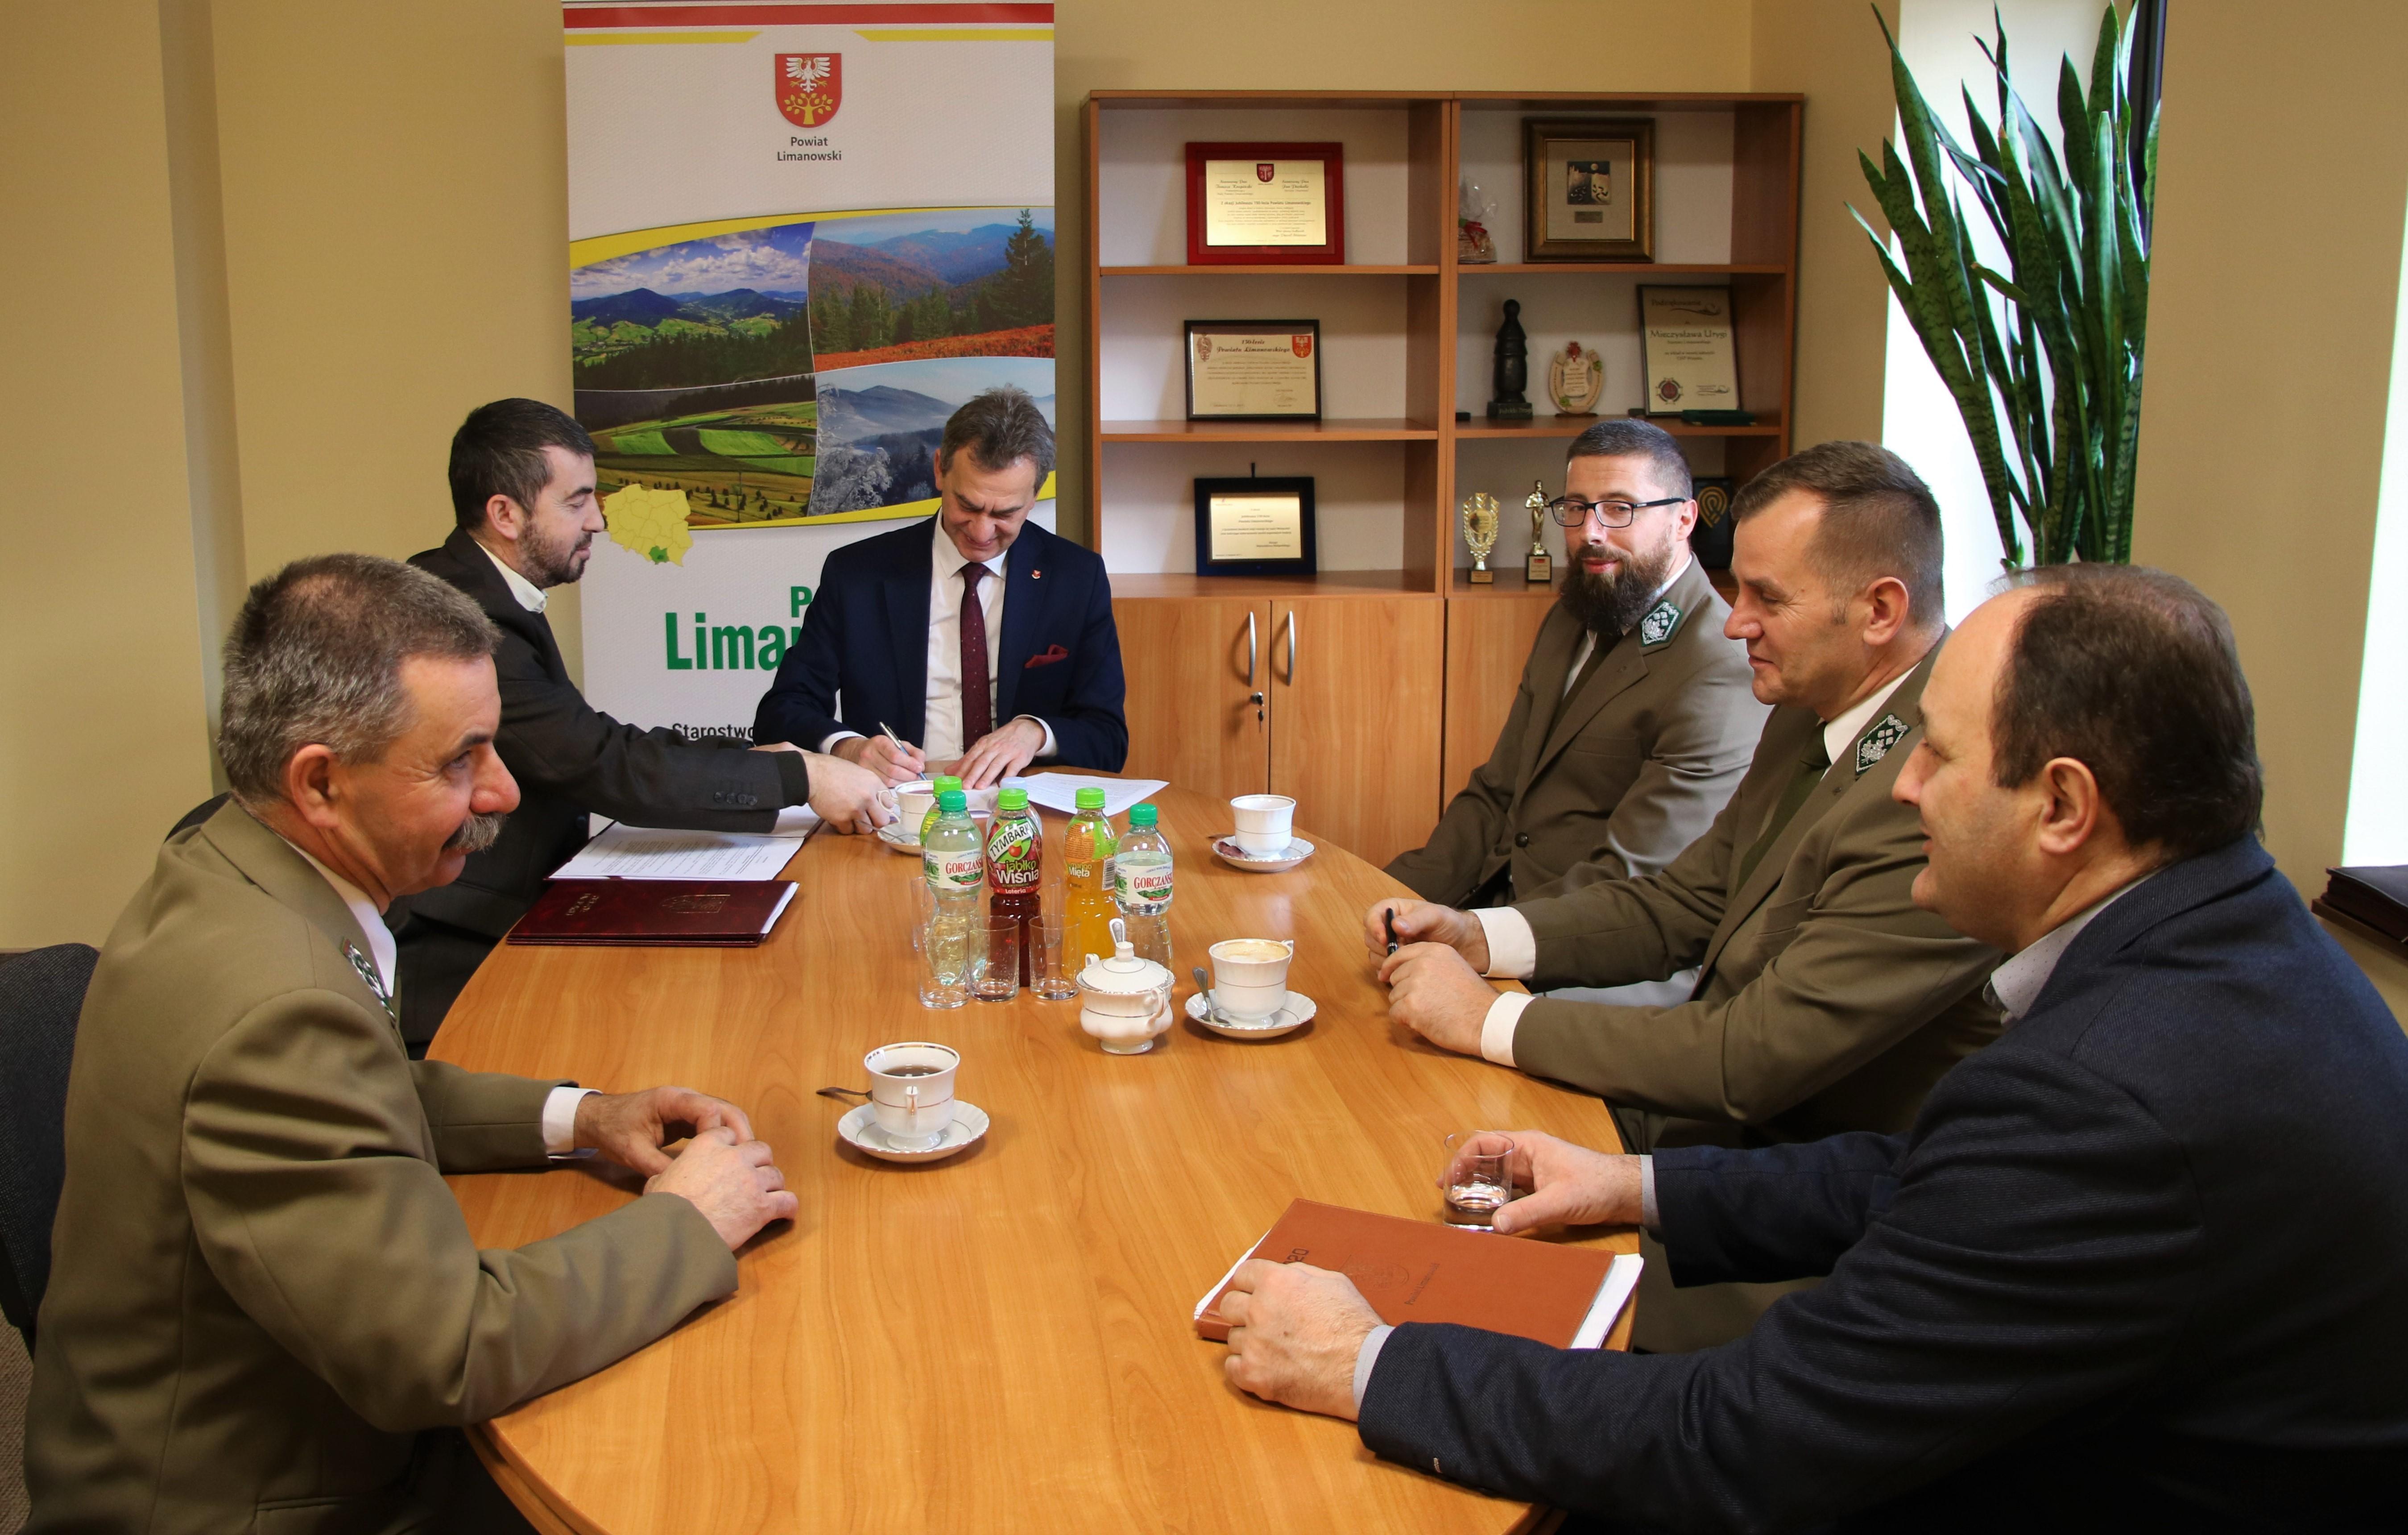 Porozumienie z Nadleśnictwami i Gorczańskim Parkiem Narodowym- moment podpisania dokumentu przez Starostę Limanowskiego